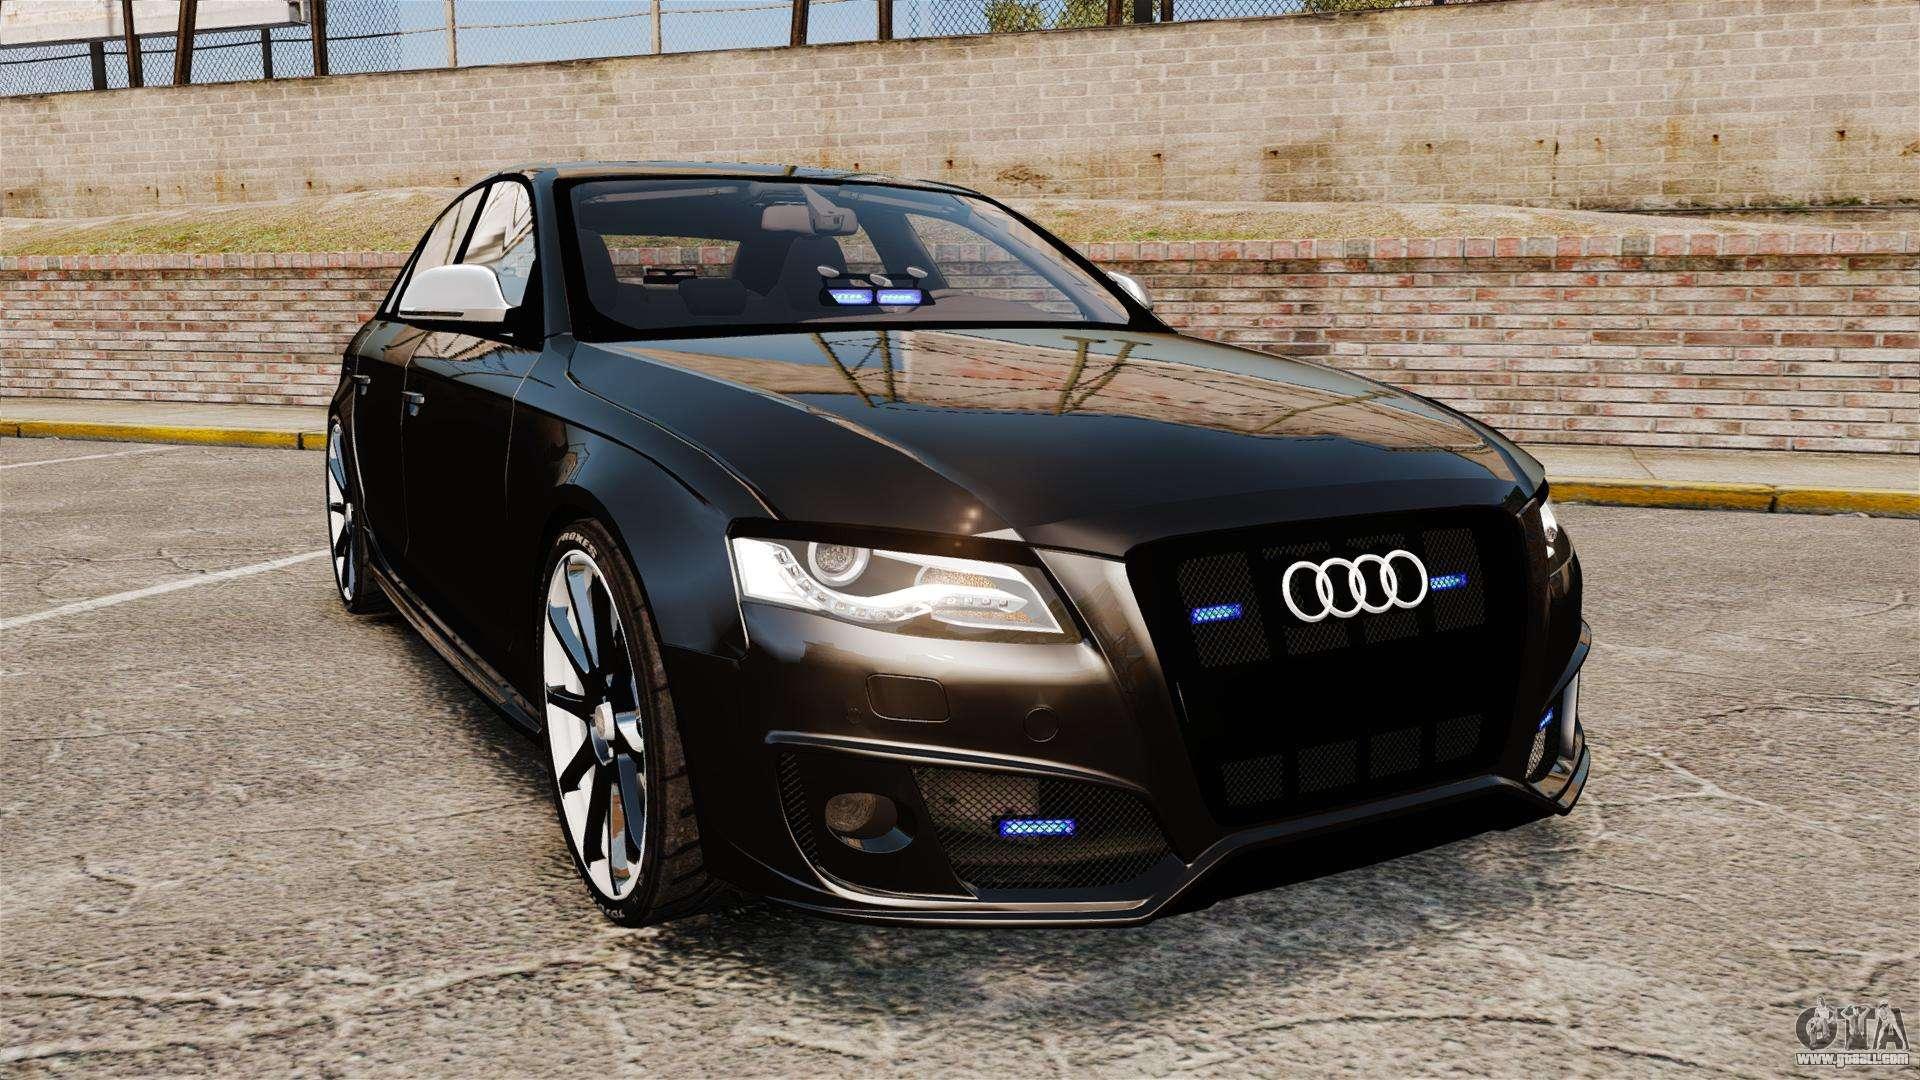 Audi S Unmarked Police ELS For GTA - Audi car gta 5